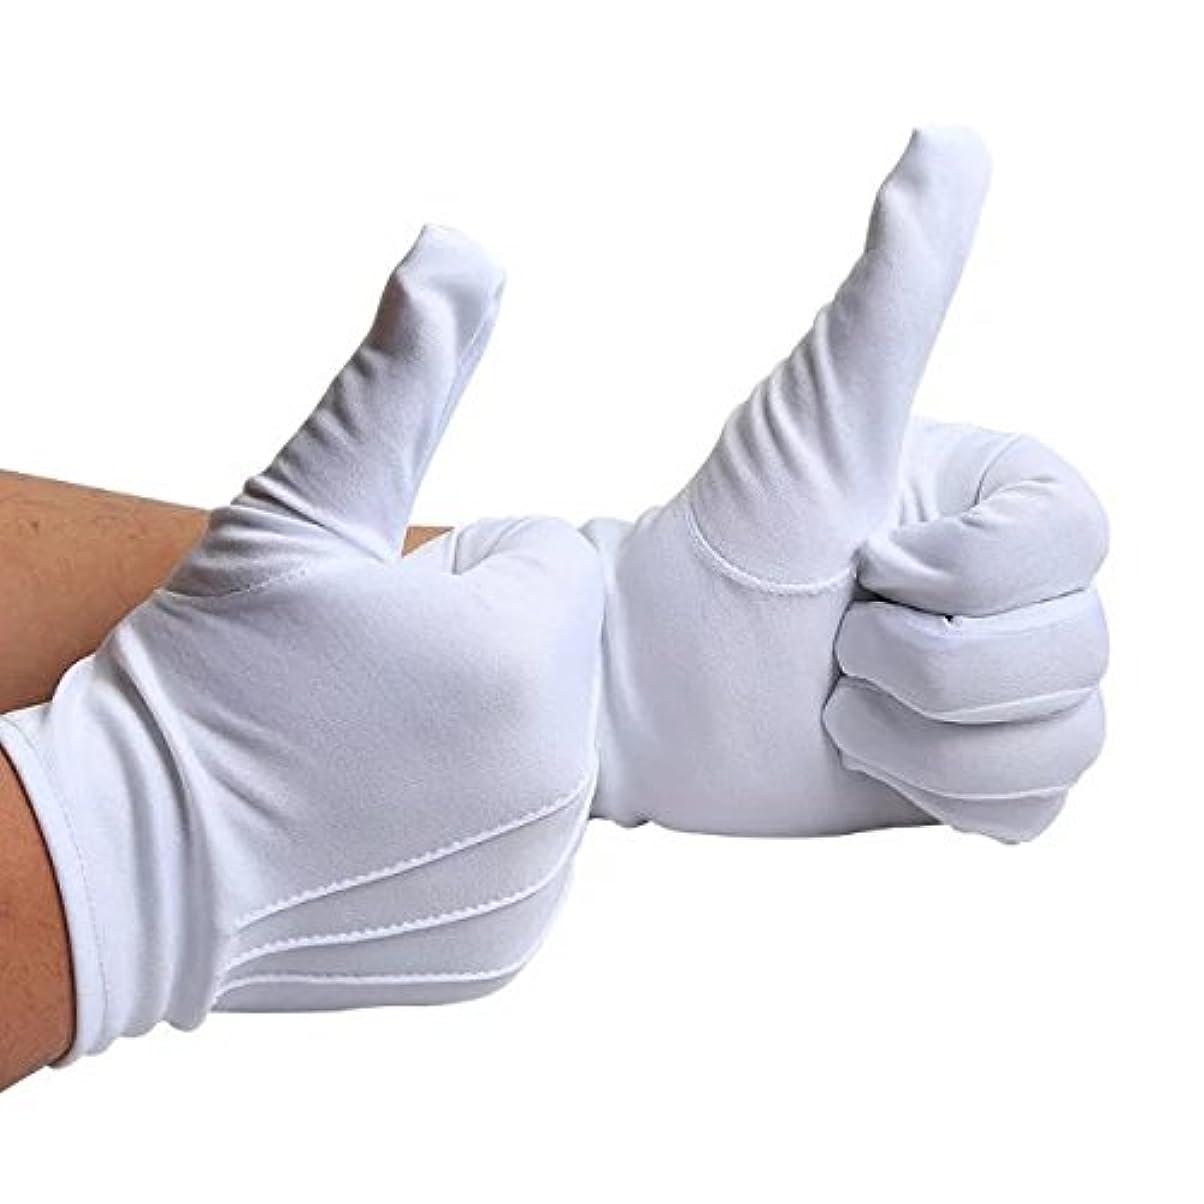 元に戻す懲戒気絶させる【10双組セット】 ナイロン 手袋 白 紳士 水洗い可 スリット無し